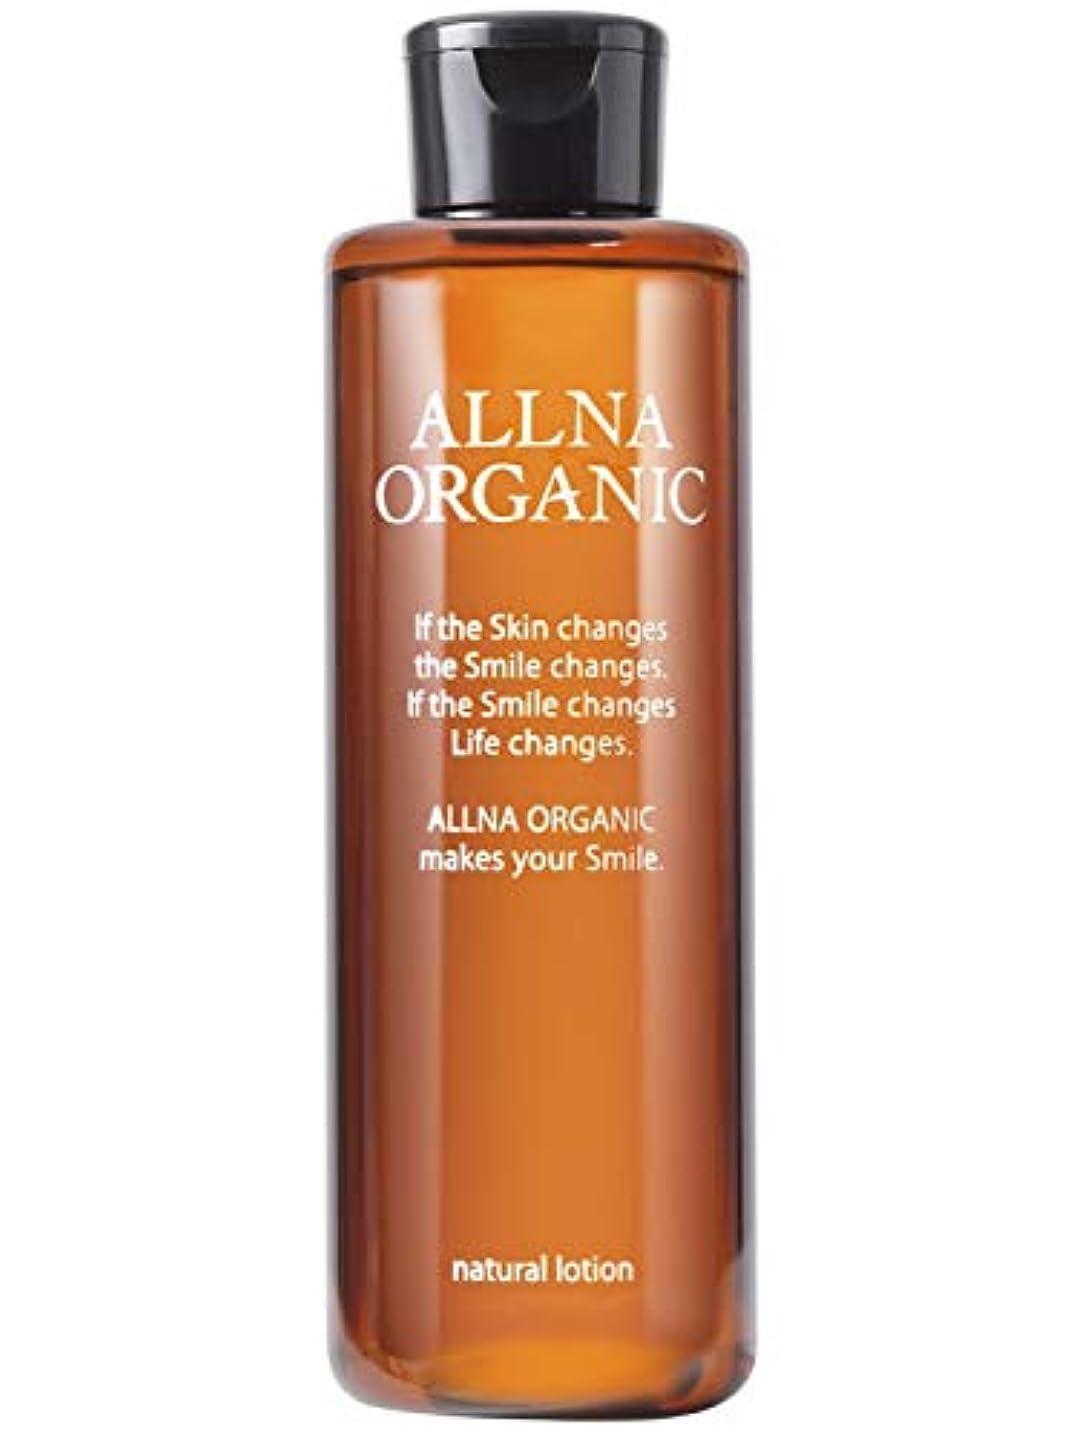 のため電極ひまわりオルナ オーガニック 化粧水 「 保湿 乾燥 かさつき 用」「 コラーゲン ビタミンC誘導体 ヒアルロン酸 セラミド 配合」200ml